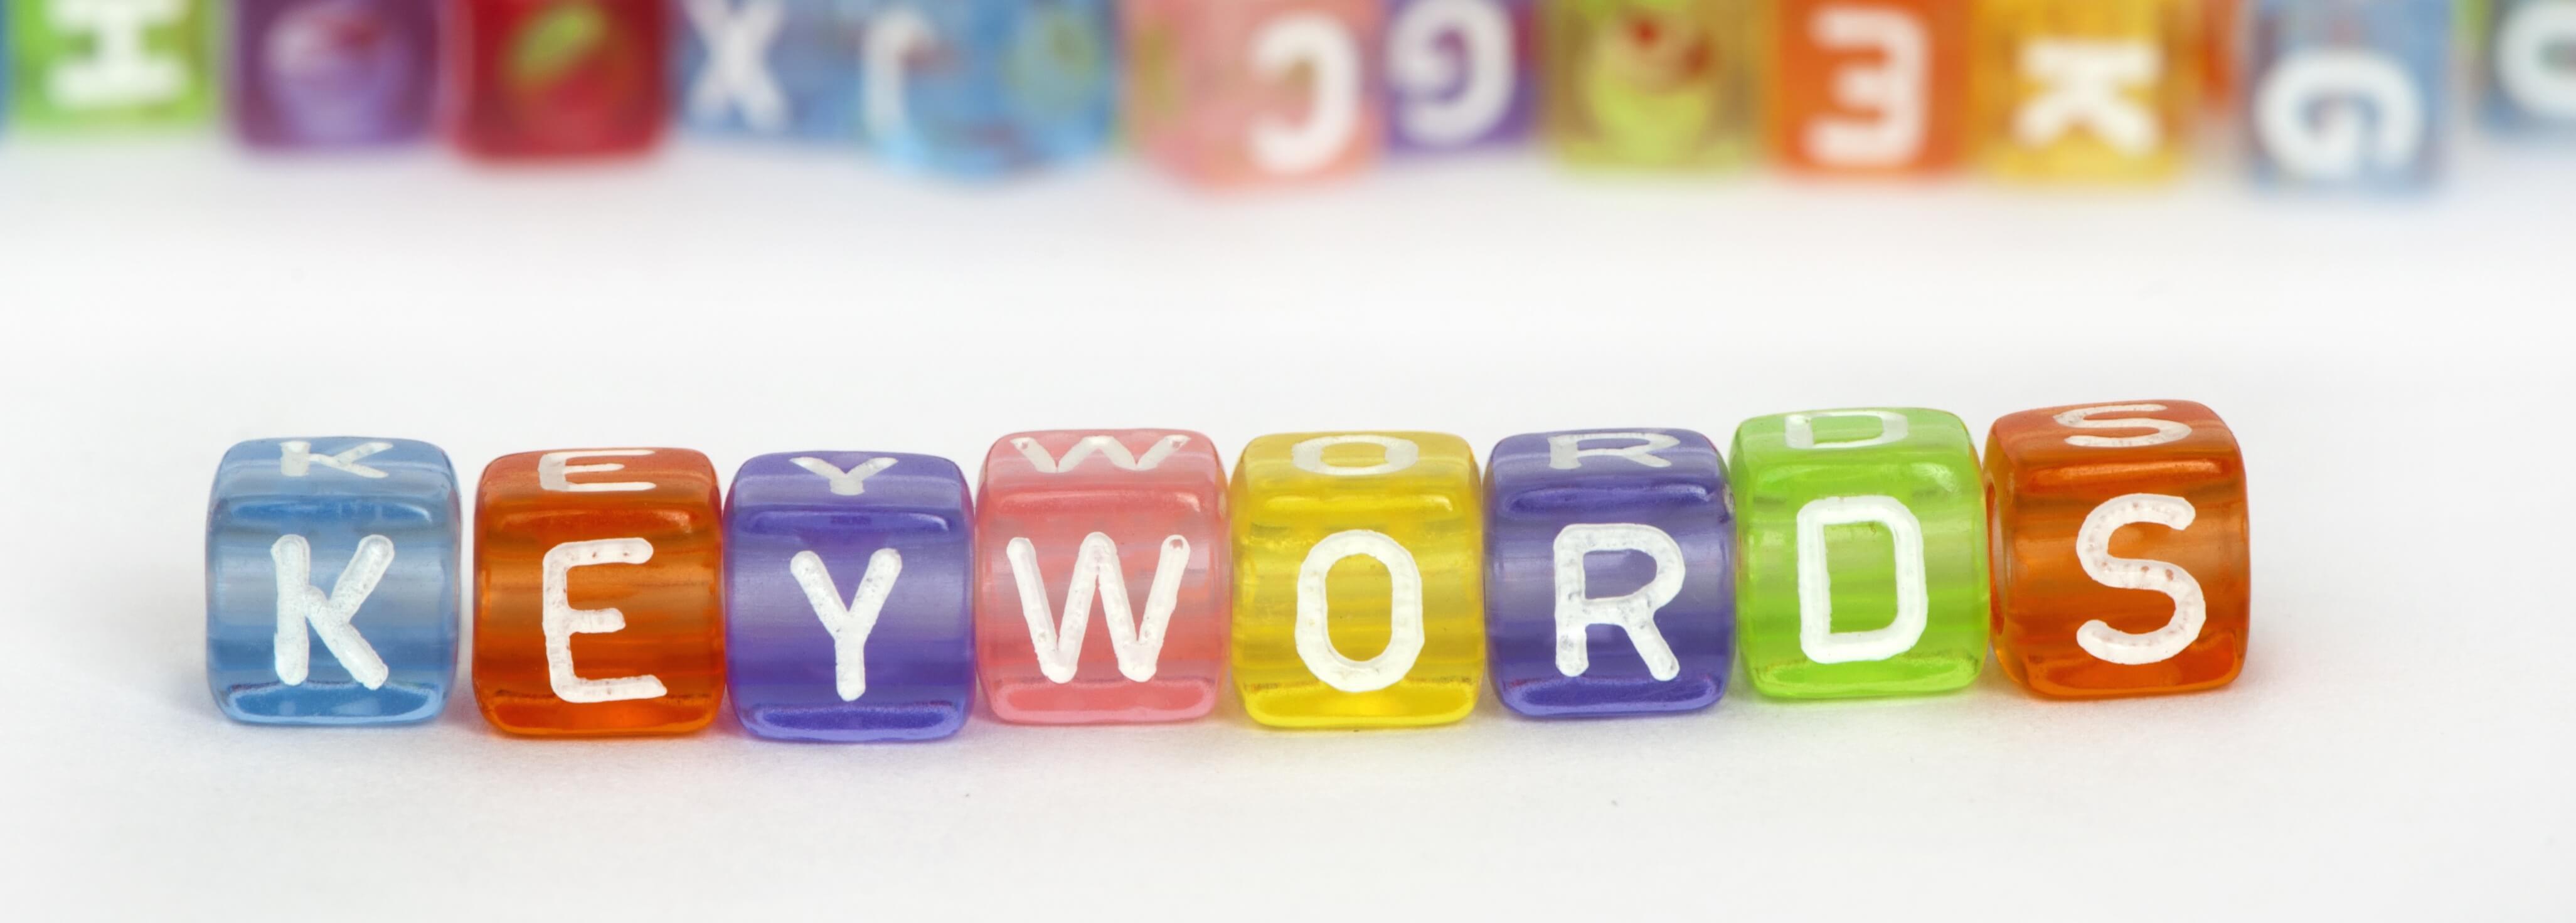 Descubre nuevas keywords ASO analizando los comentarios de los usuarios en tu app